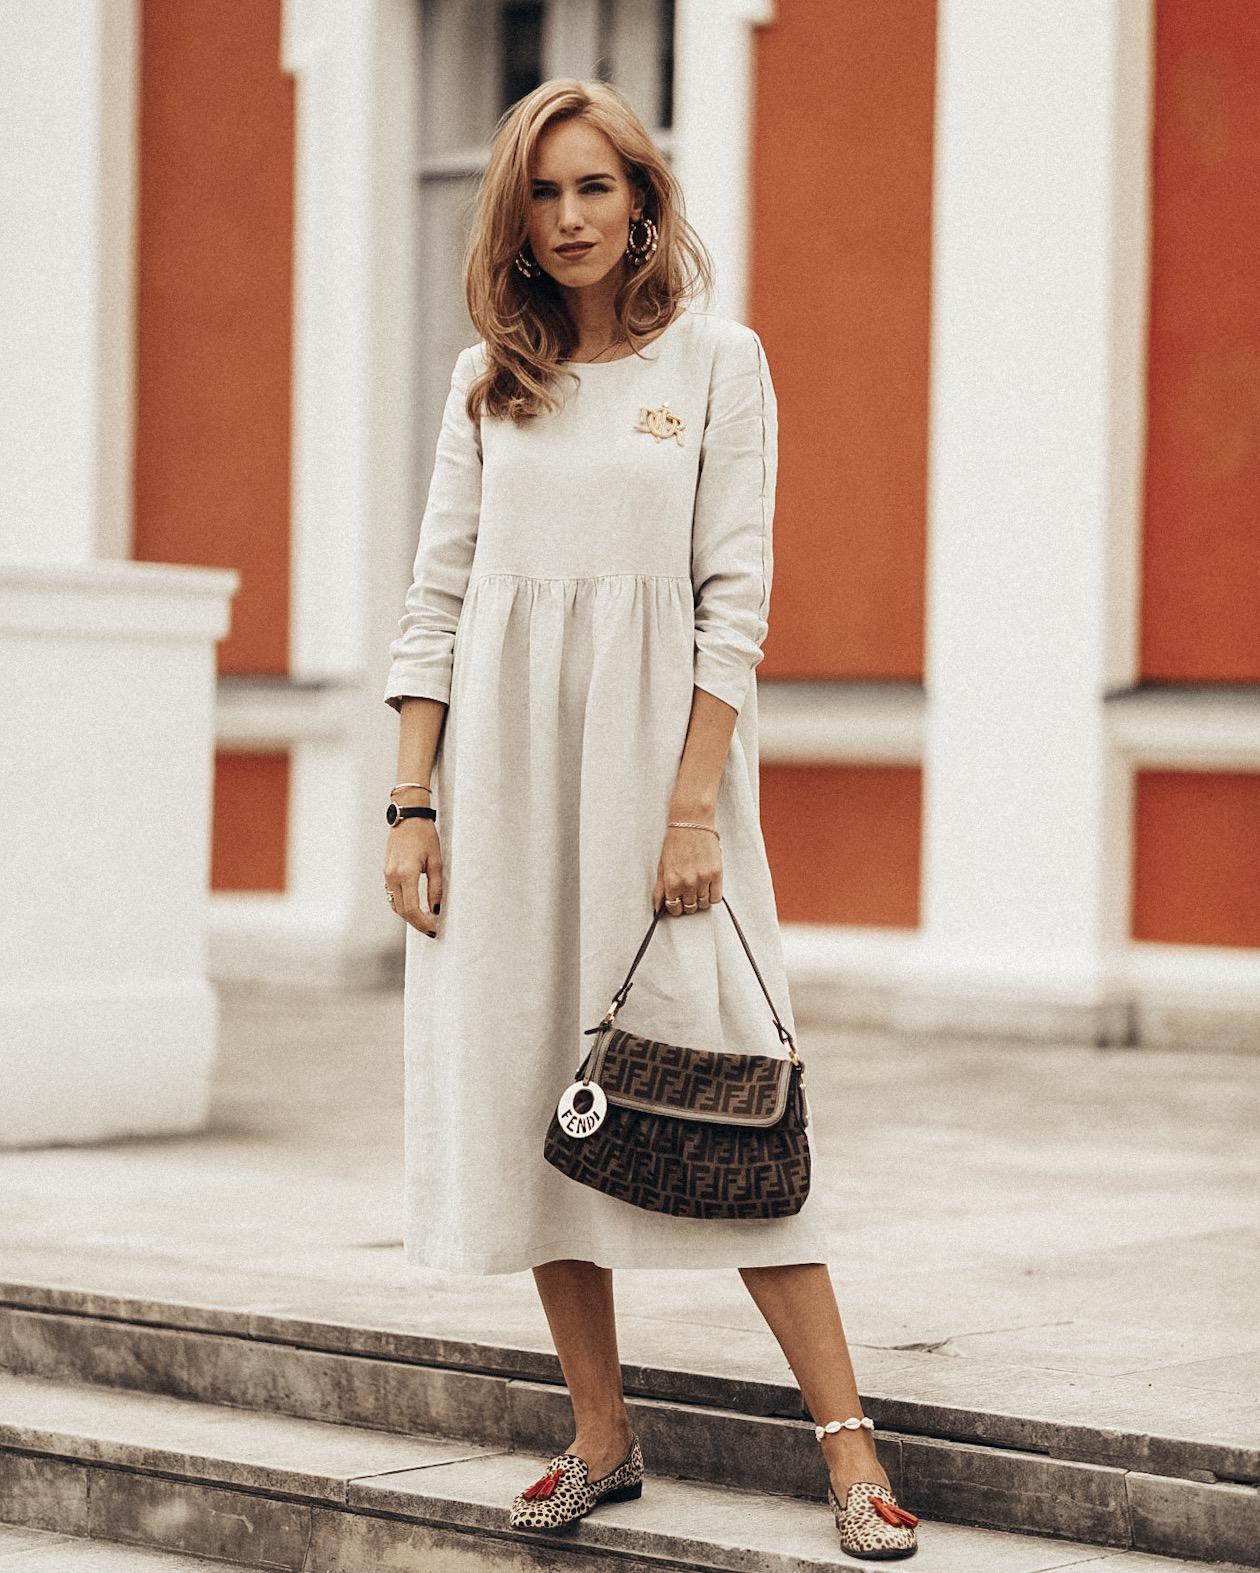 summer linen dress outfit